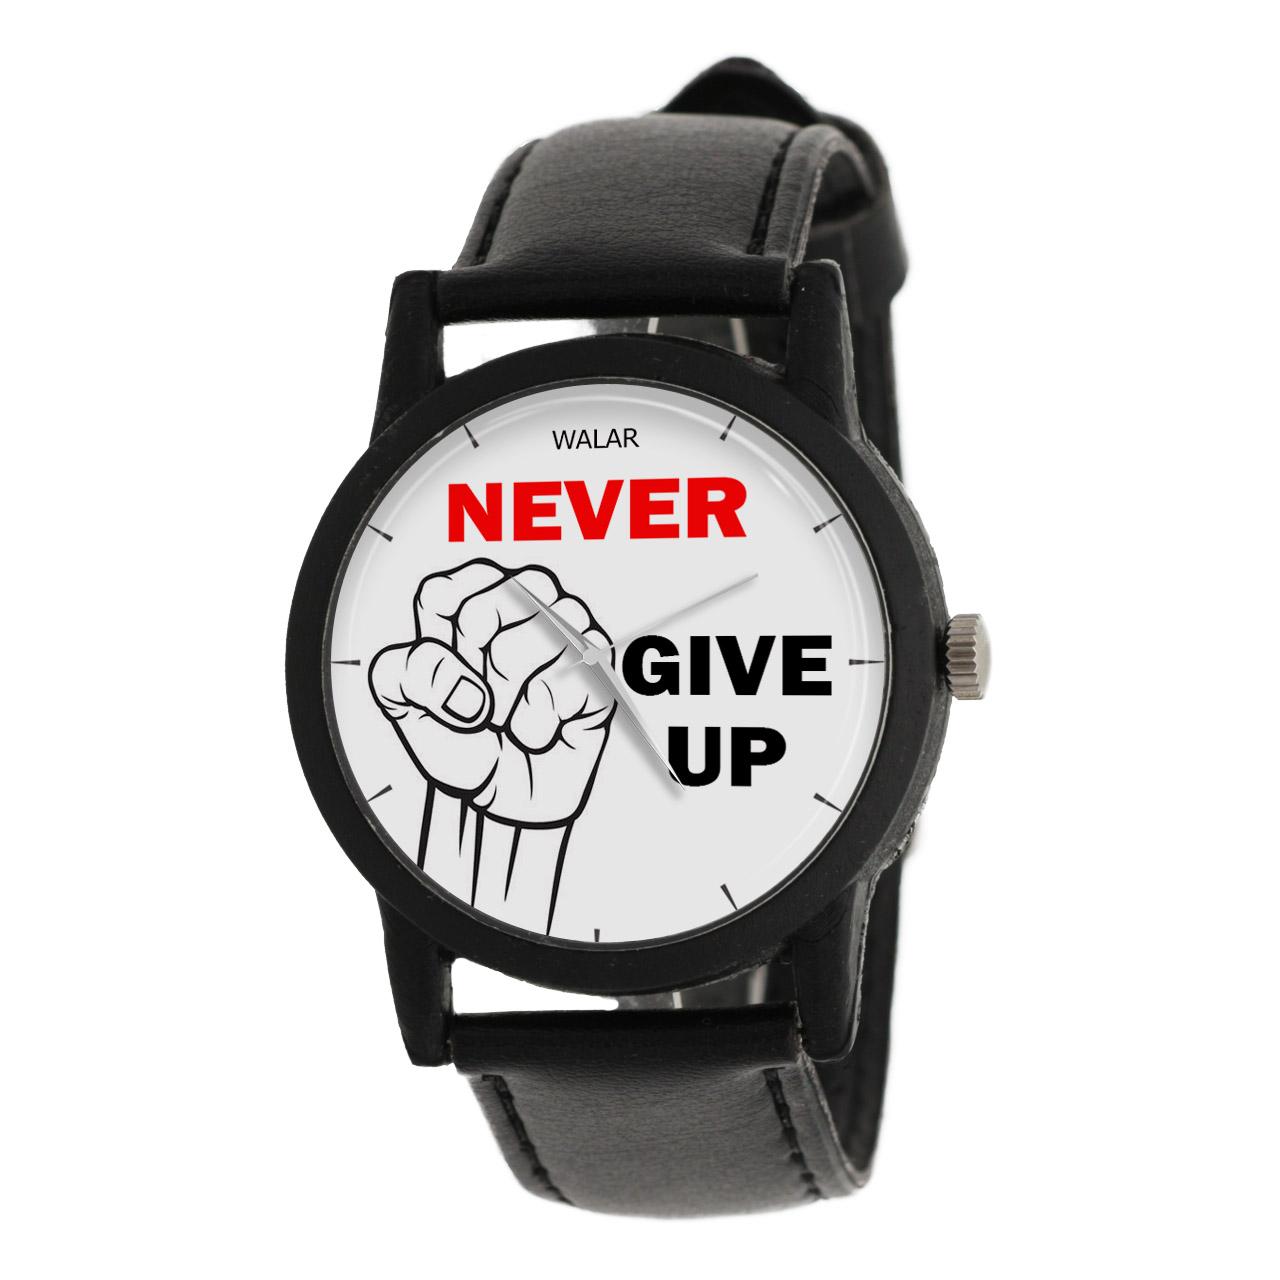 ساعت مچی عقربه ای والار طرح Never Give Up مدل LF1255